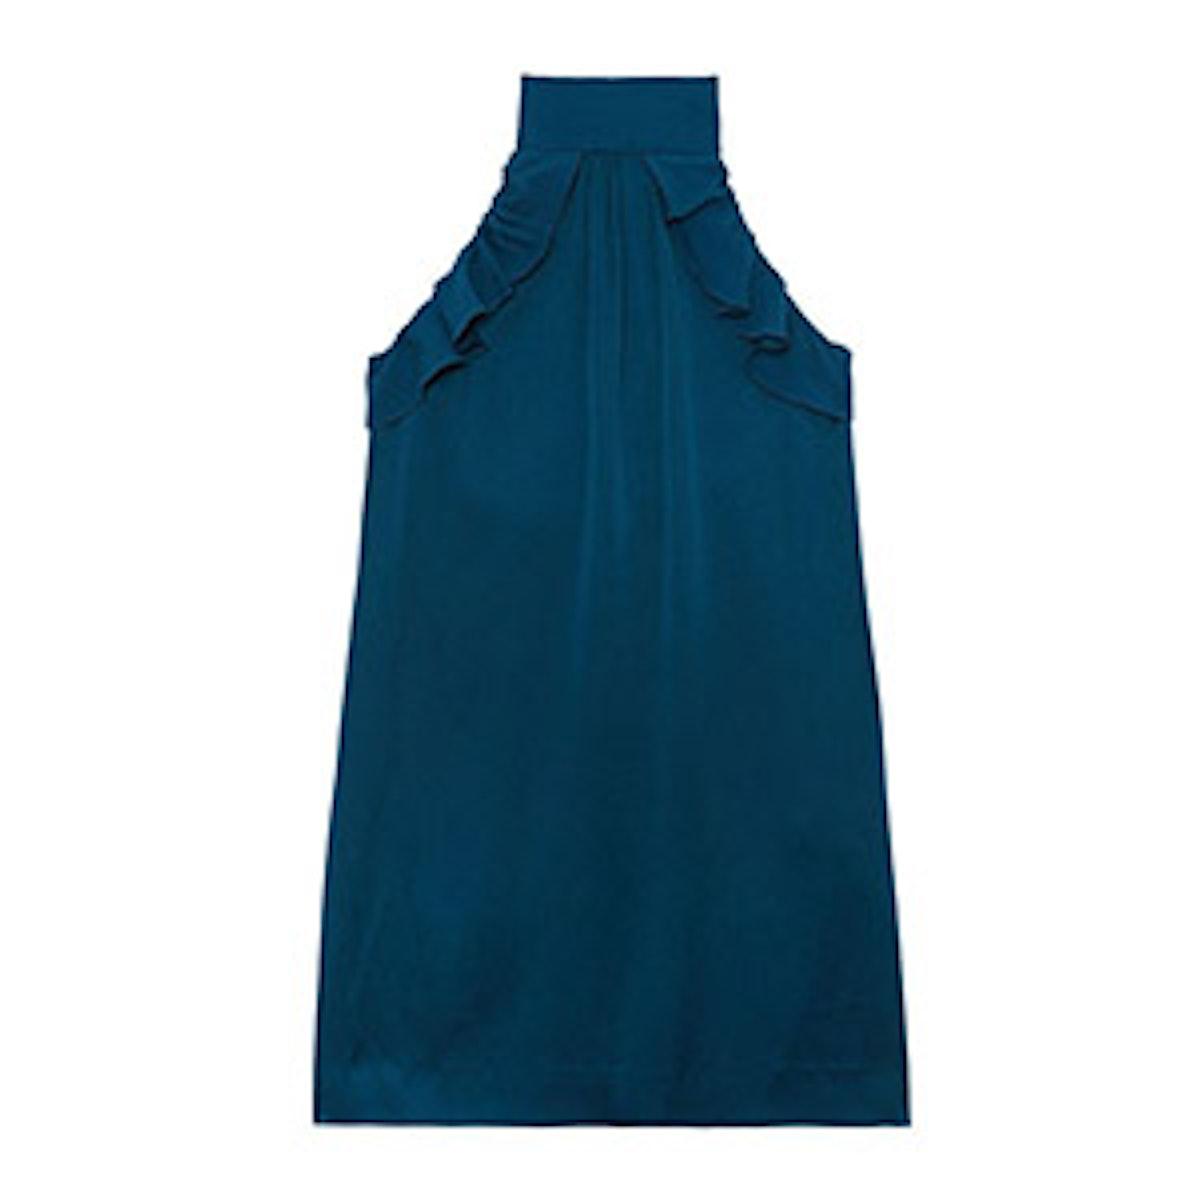 Eden Halter Dress